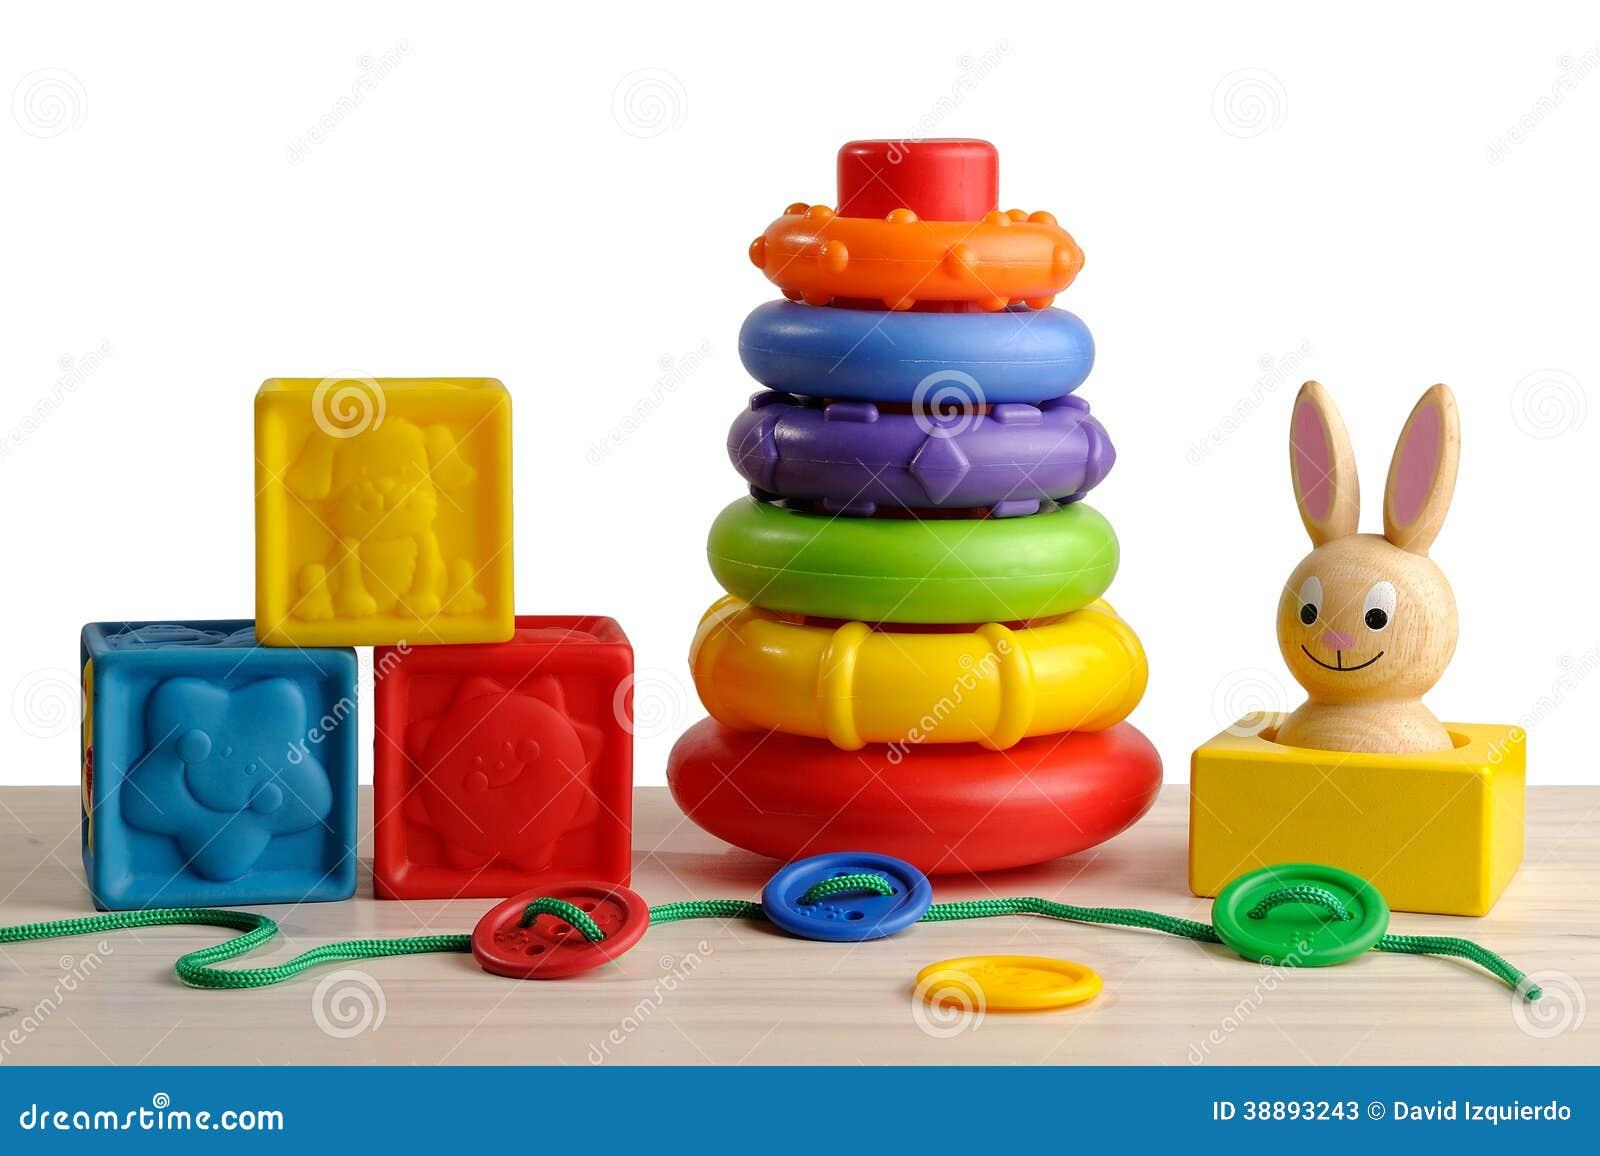 jouets pour le d veloppement moteur de l 39 enfant photo stock image 38893243. Black Bedroom Furniture Sets. Home Design Ideas